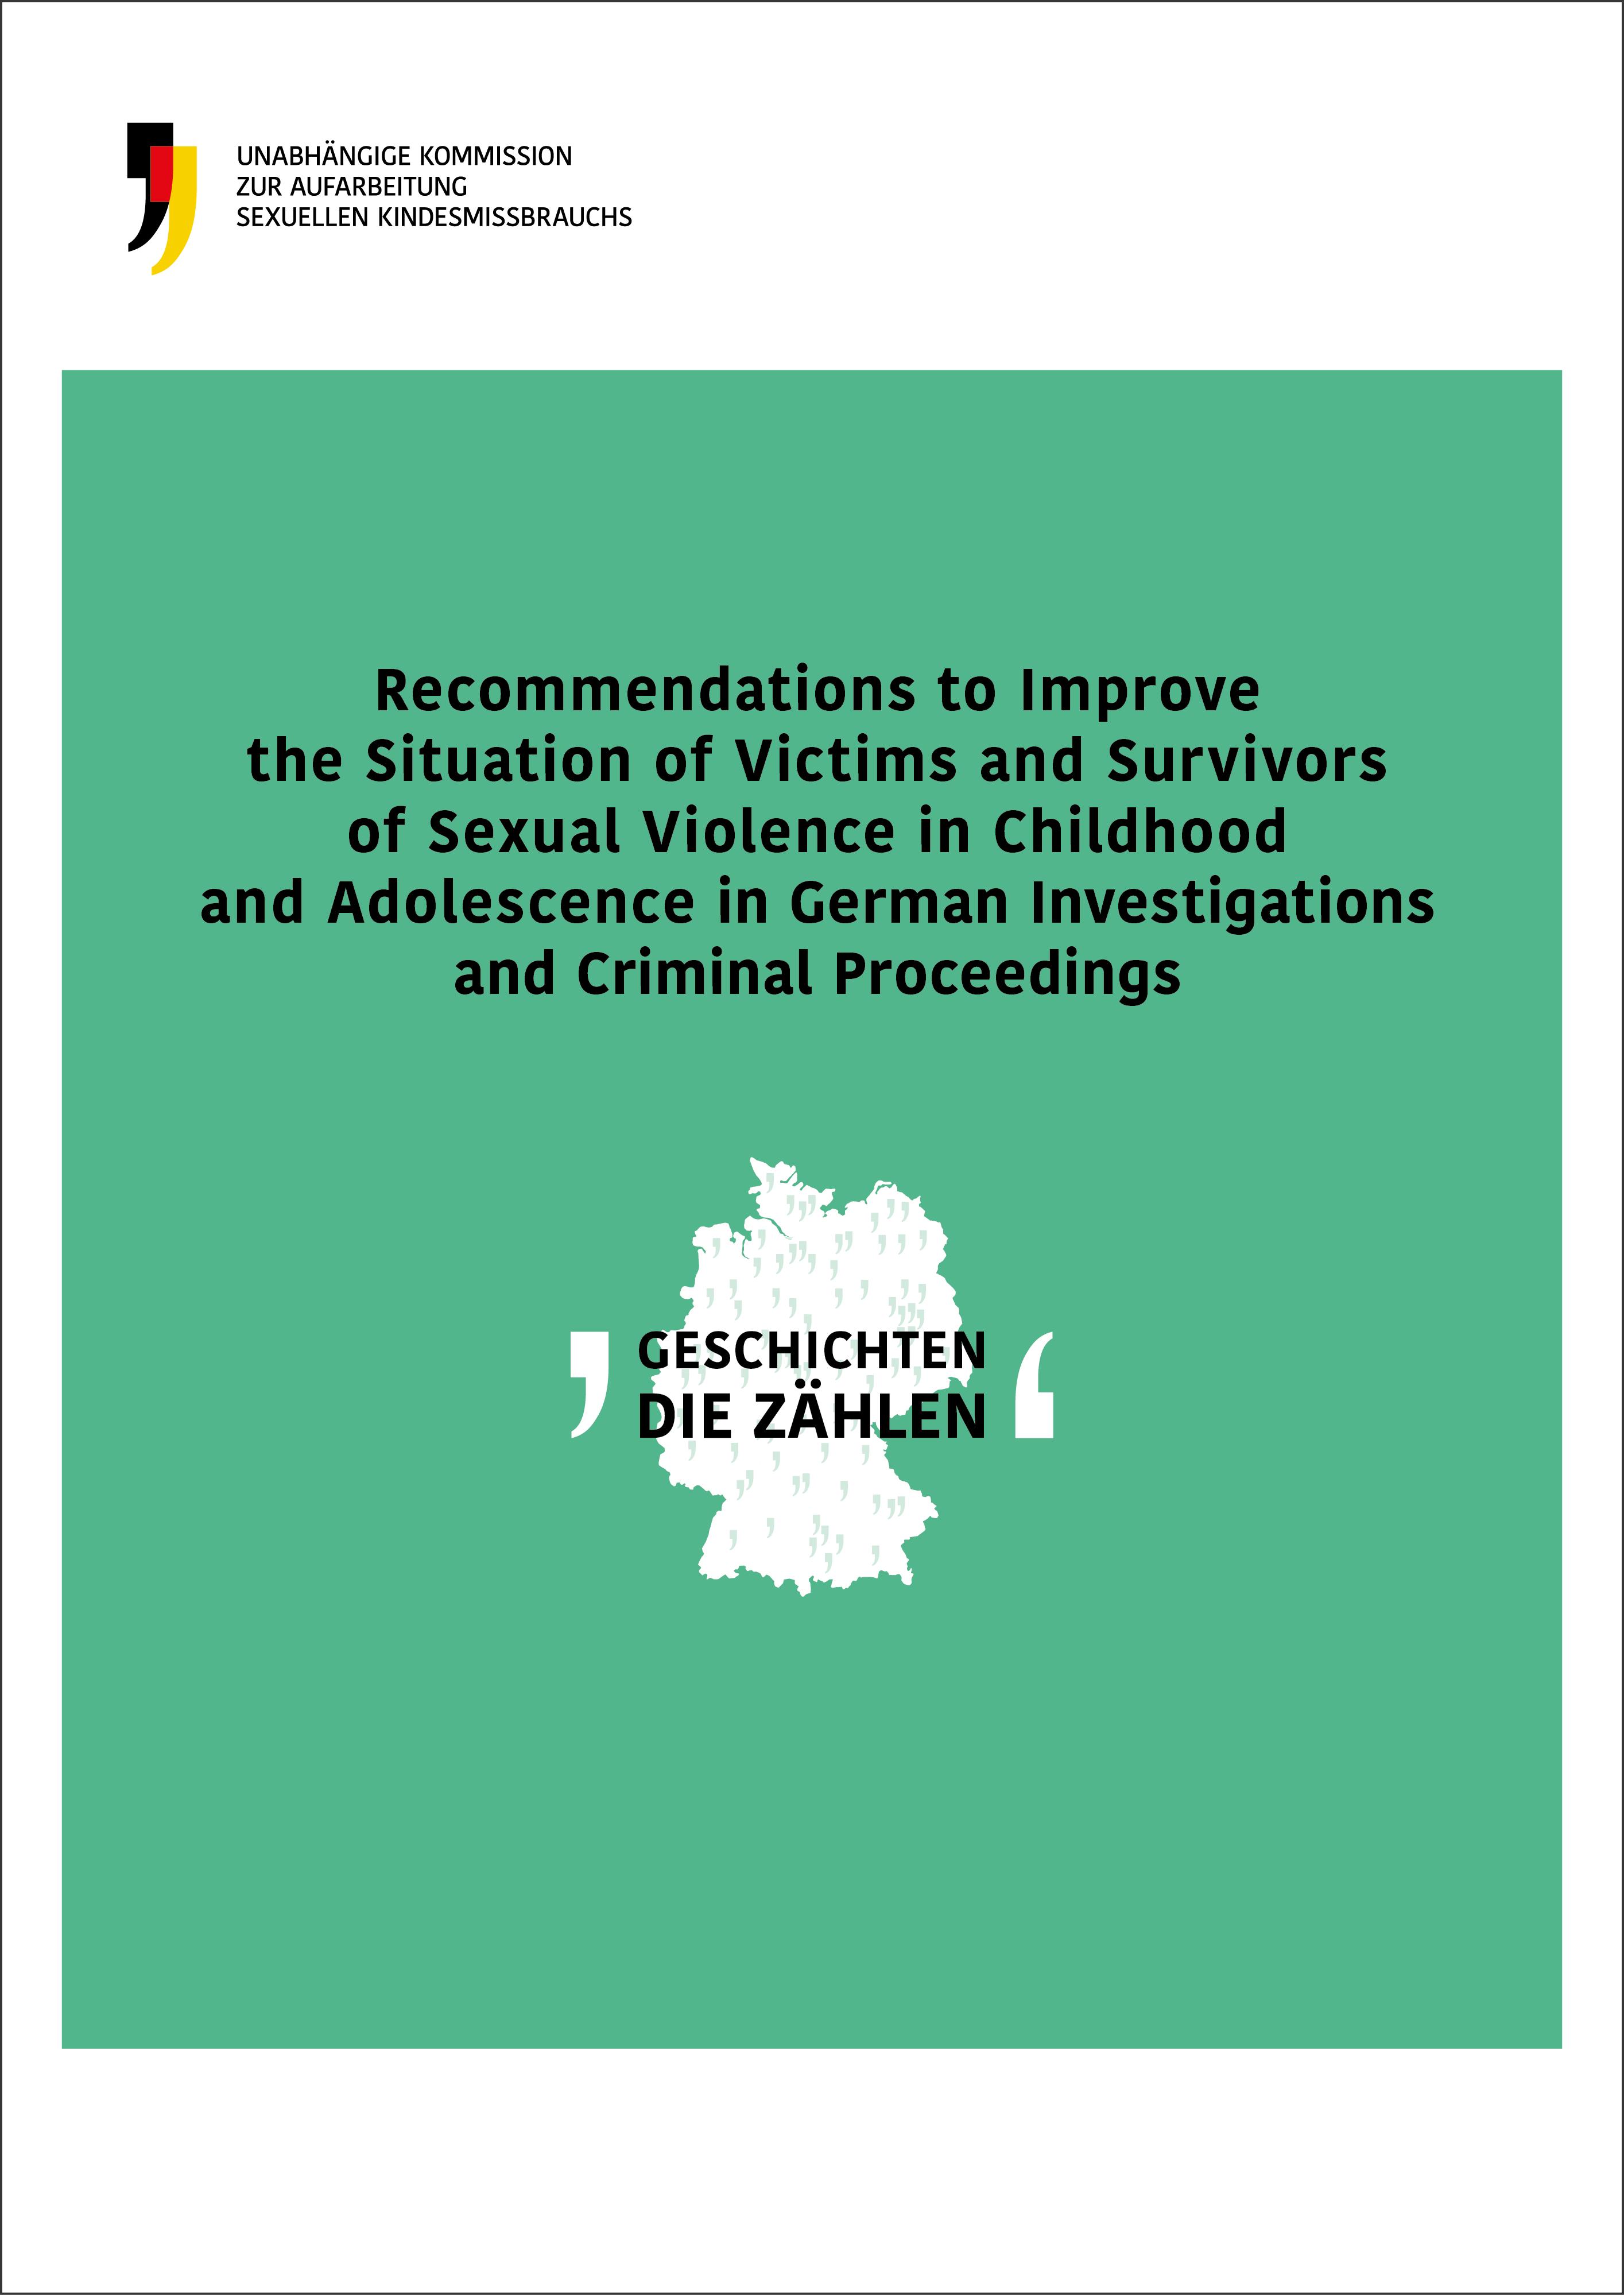 Cover der englischen Ausgabe der Empfehlungen für Strafverfahren